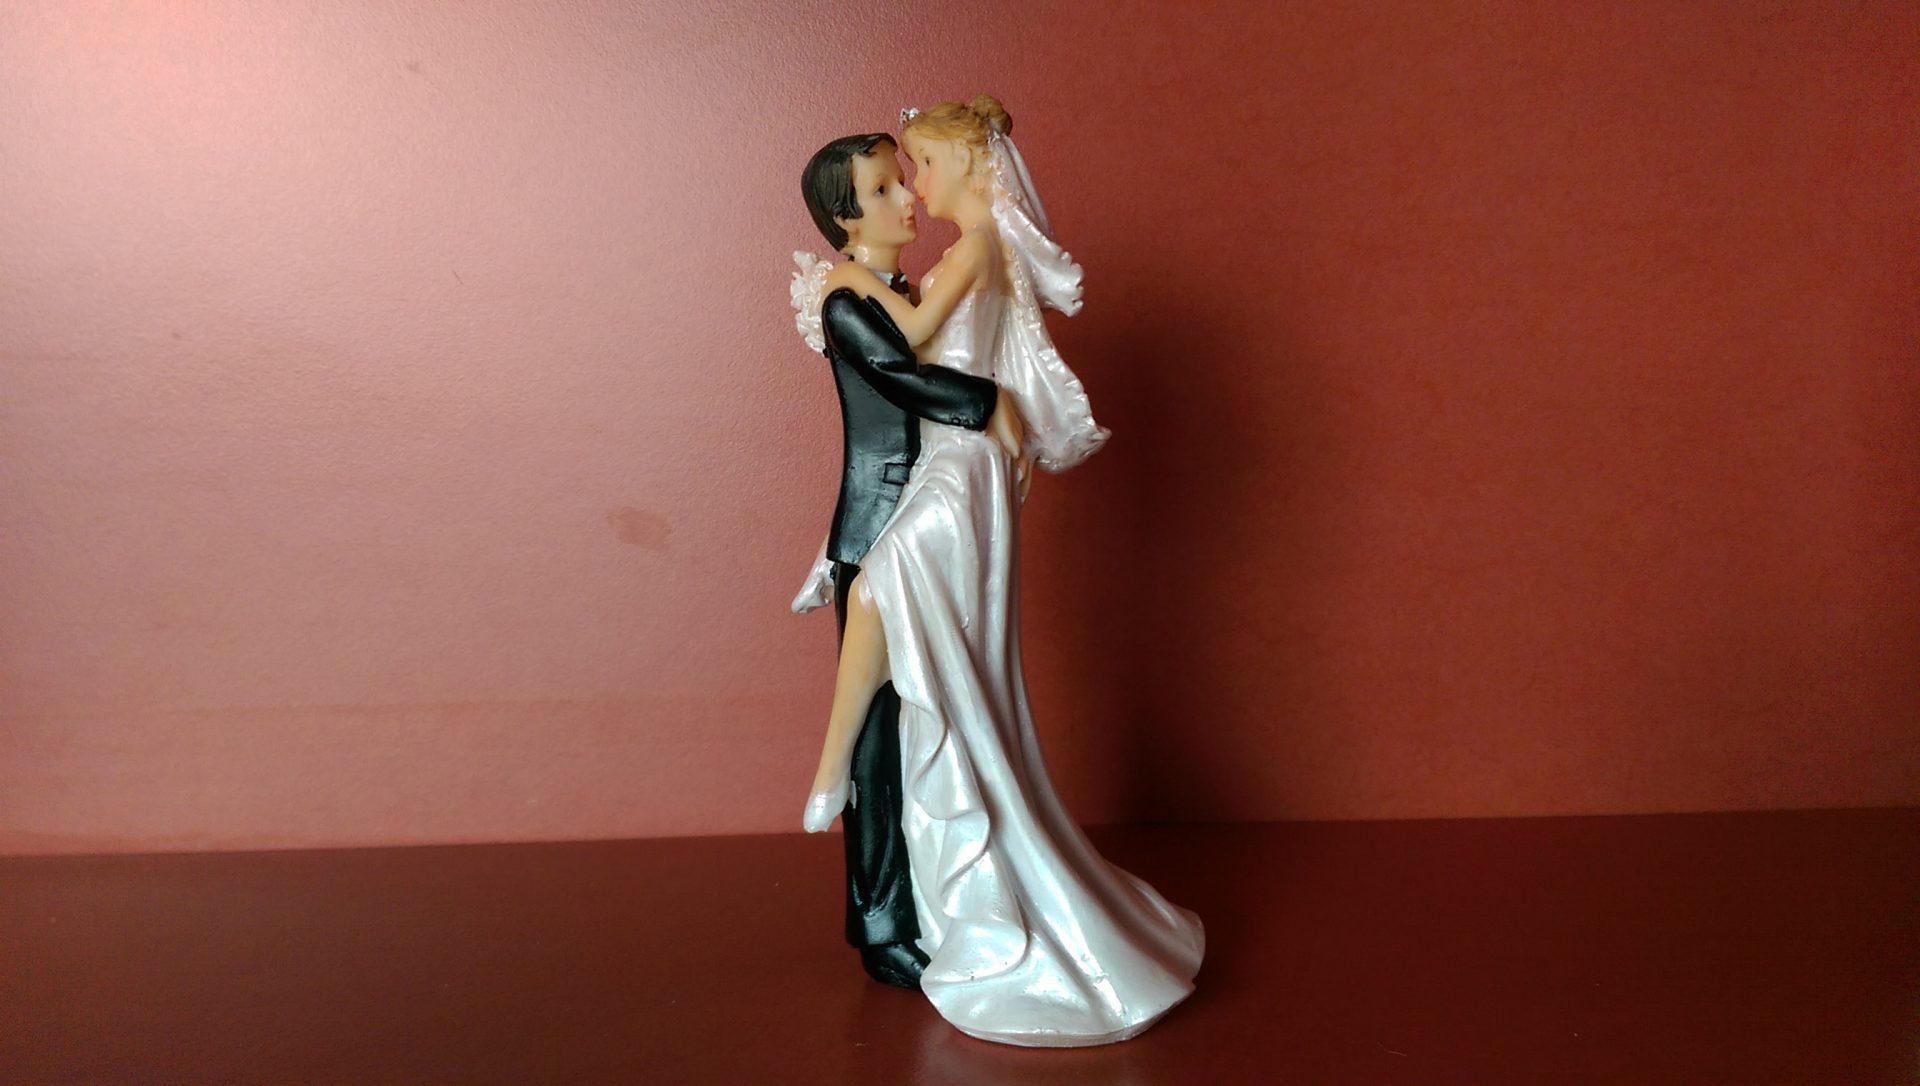 Le mariage du siècle - Crédit photo izart.fr